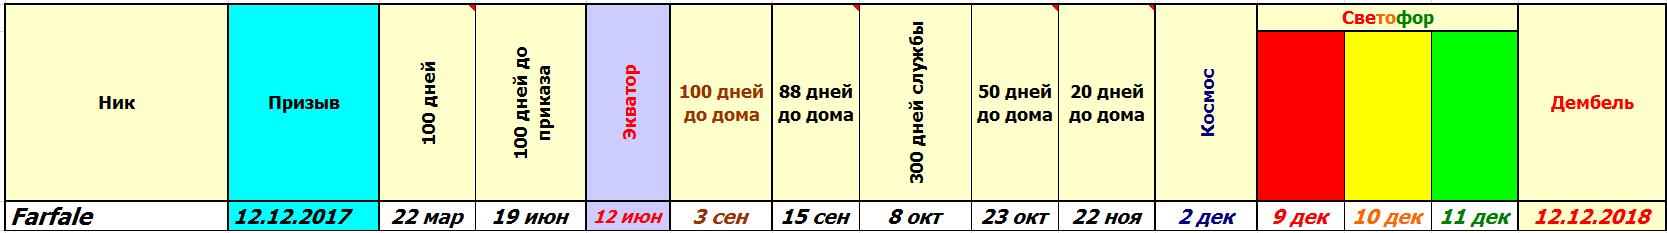 http://sh.uploads.ru/iHE5u.png